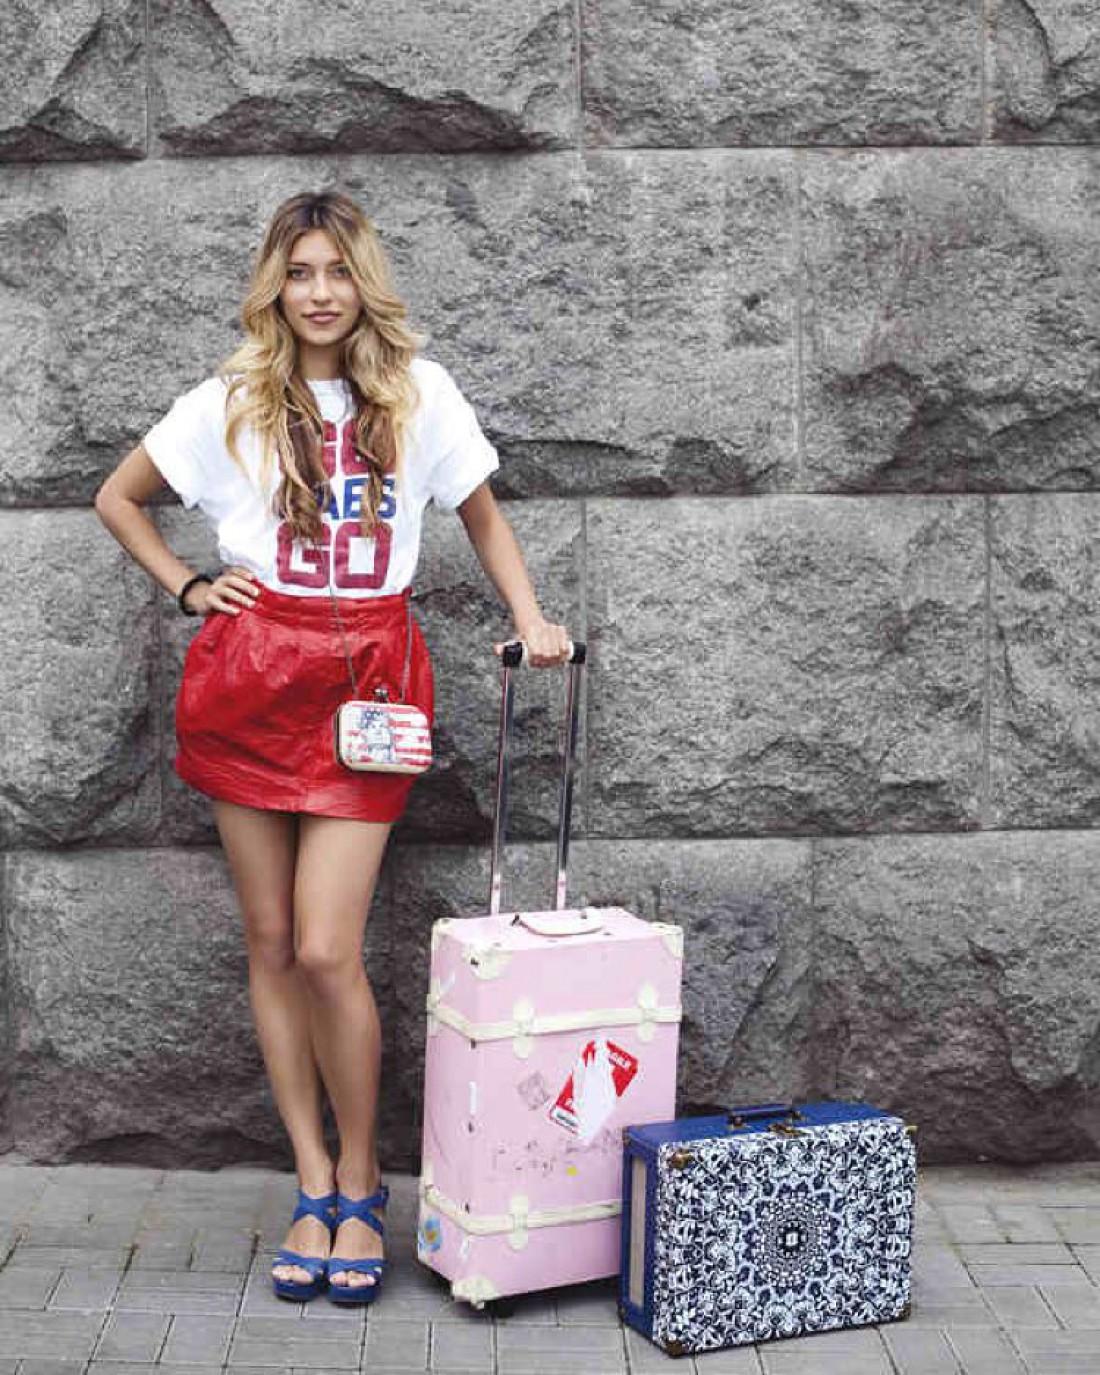 Регина Тодоренко рассказала о кругосветном путешествии